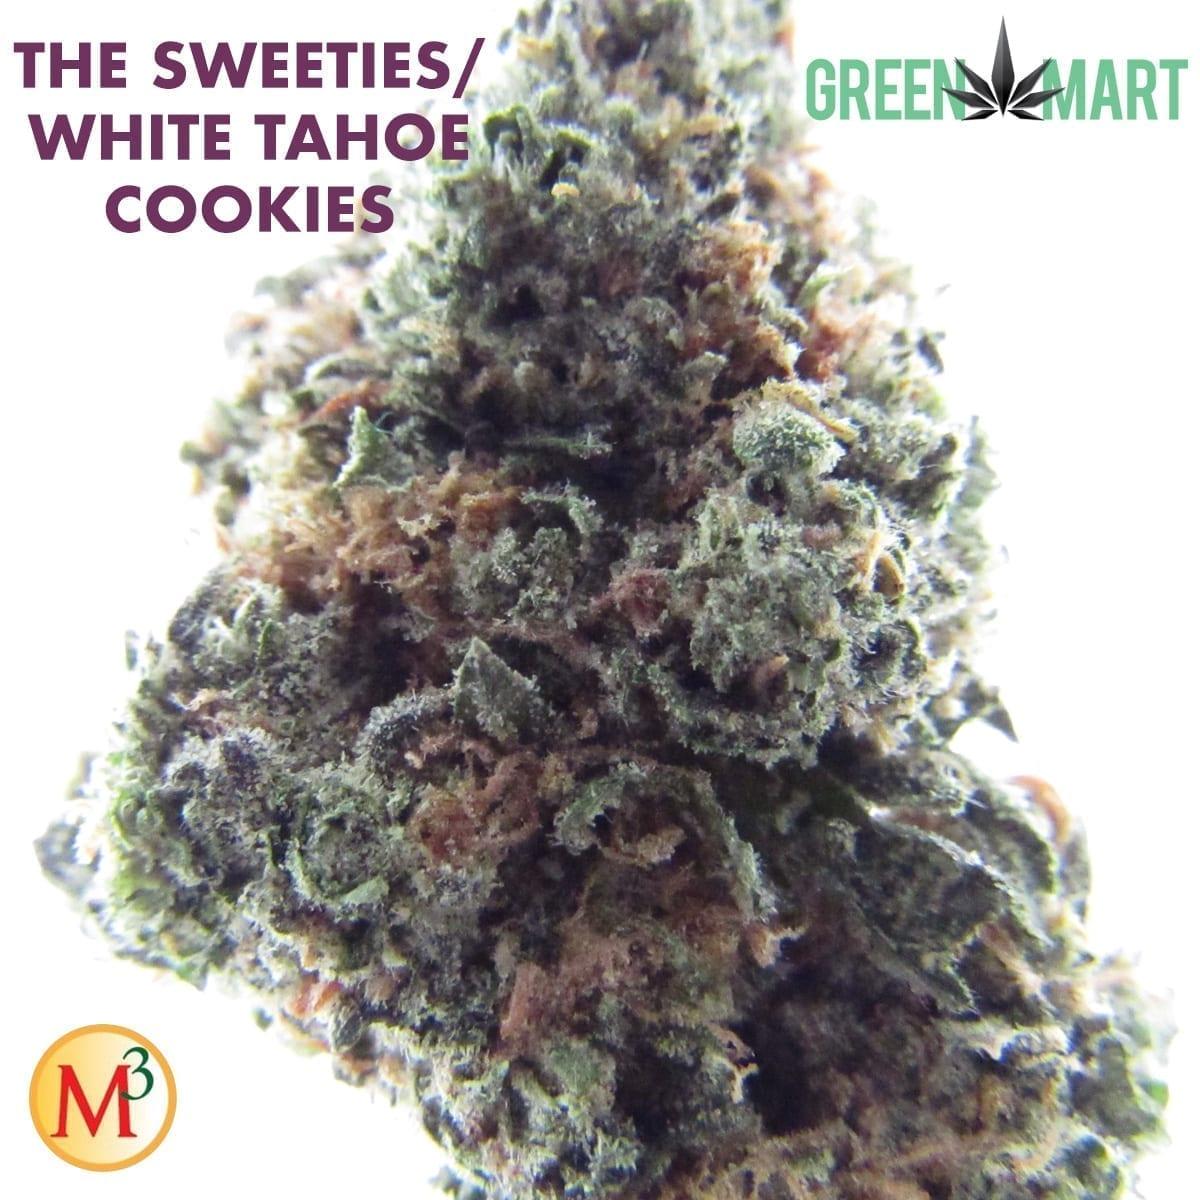 The Sweeties/White Tahoe Cookies